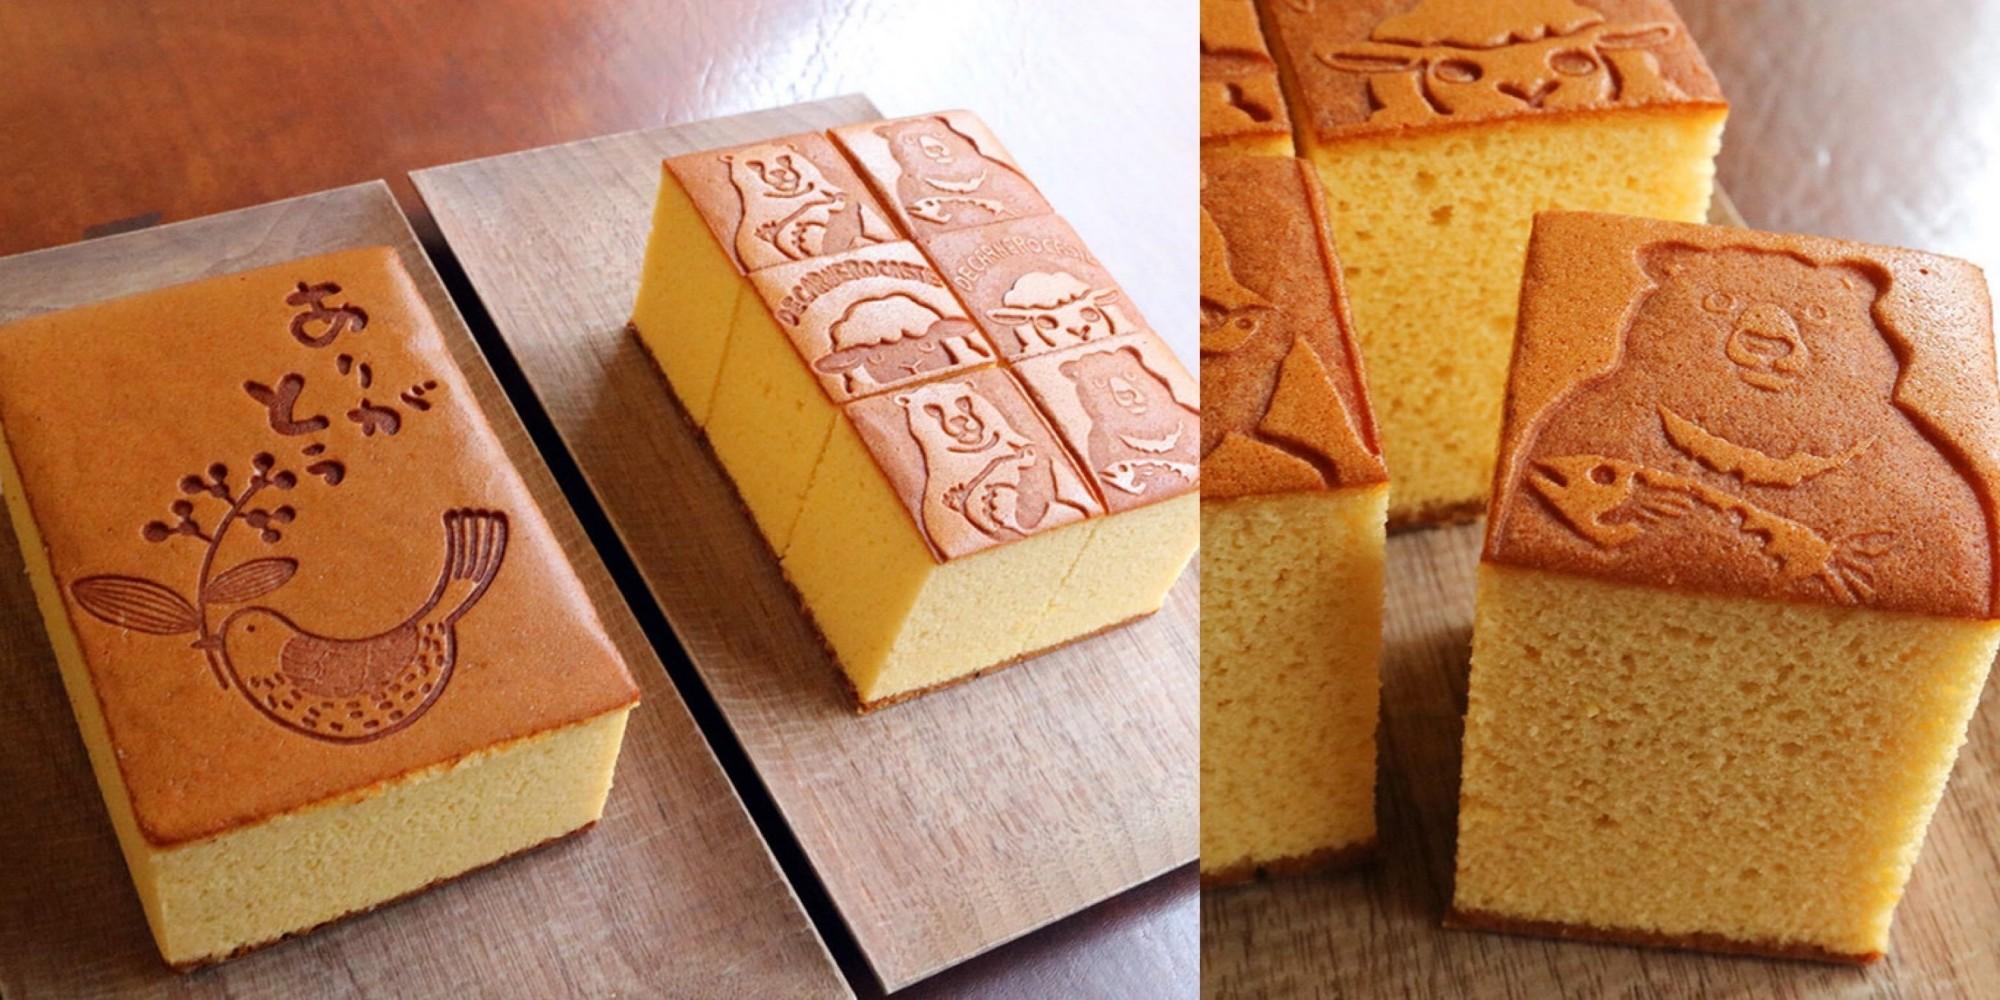 大阪美食 新町『DE CARNERO CASTE』吃可愛又健康的長崎蛋糕